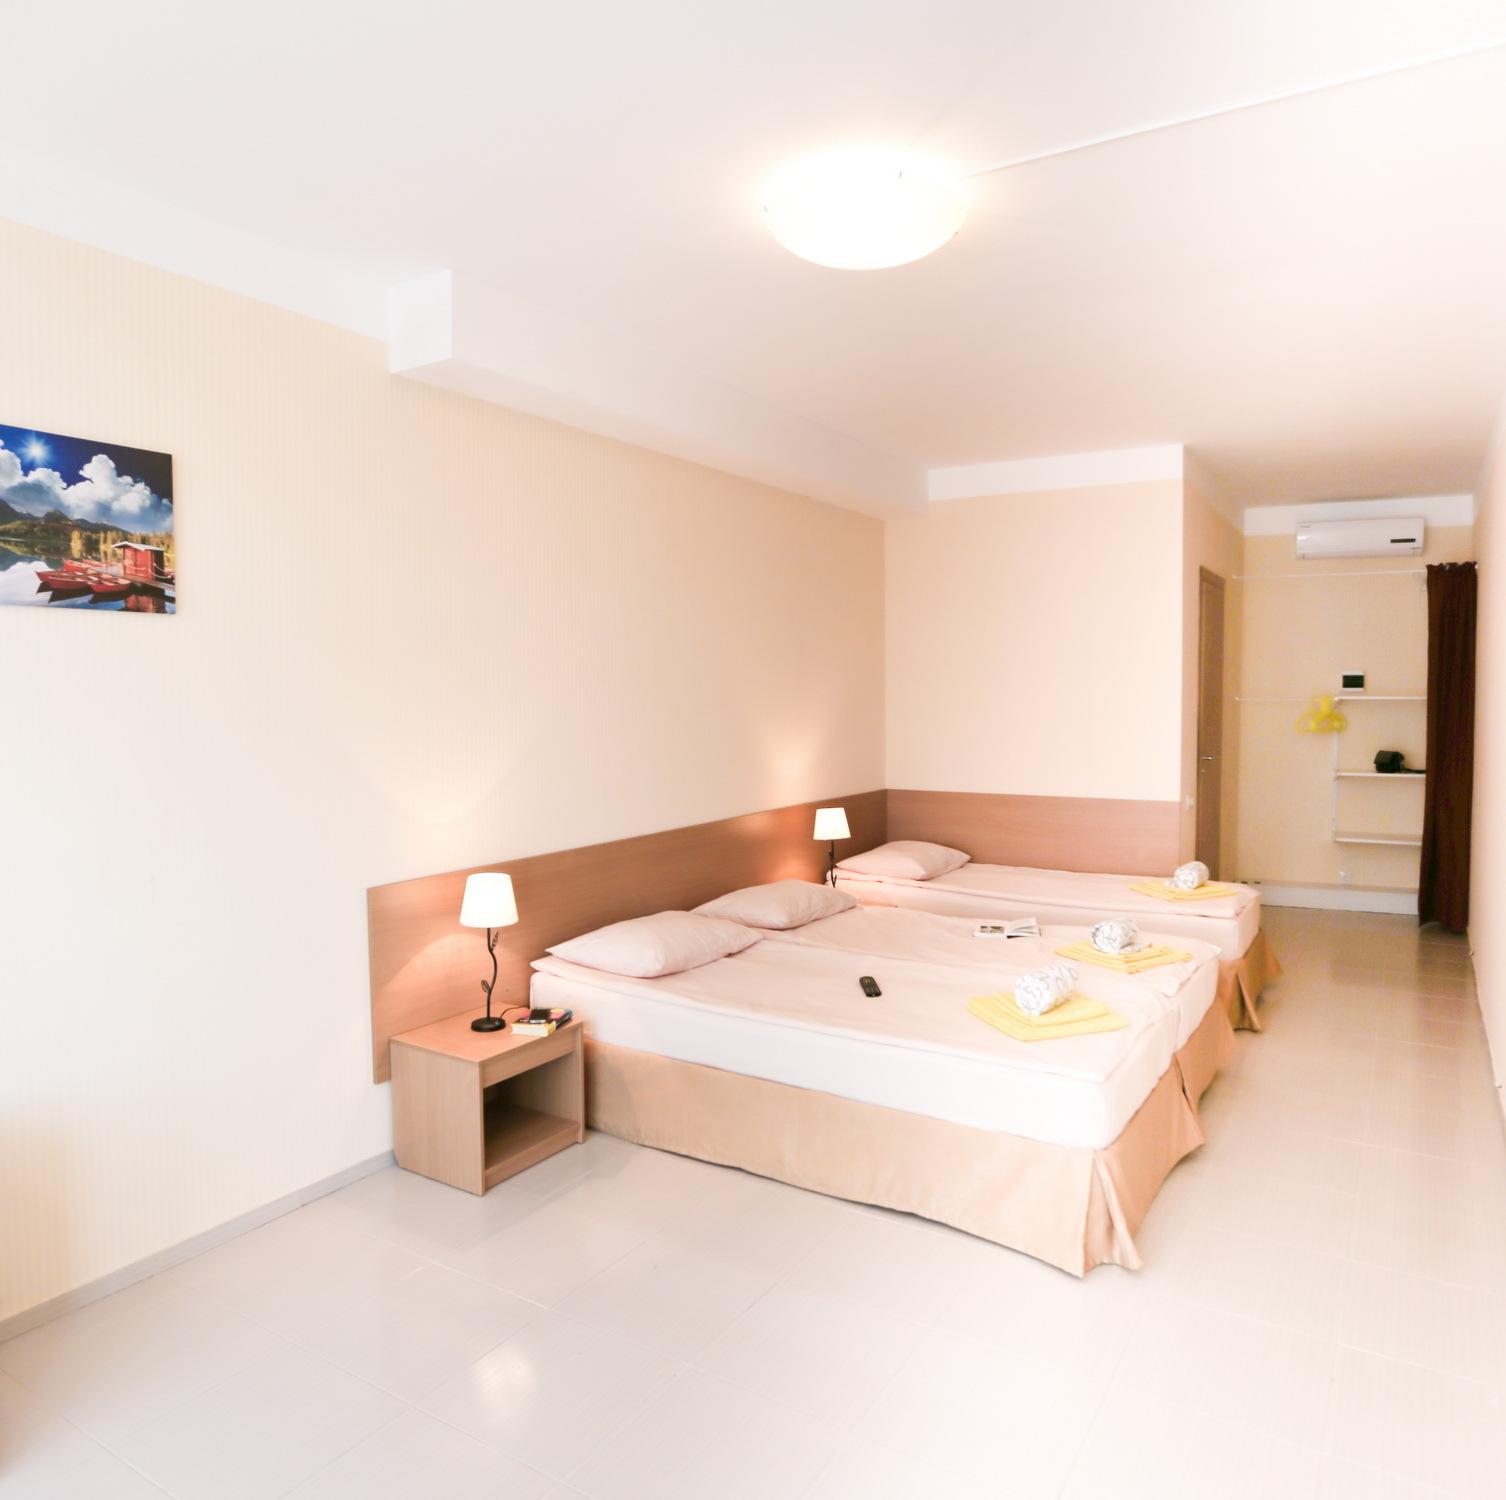 Мебель в трехместном номере Стандарт в отеле Марсель, Лермонтово